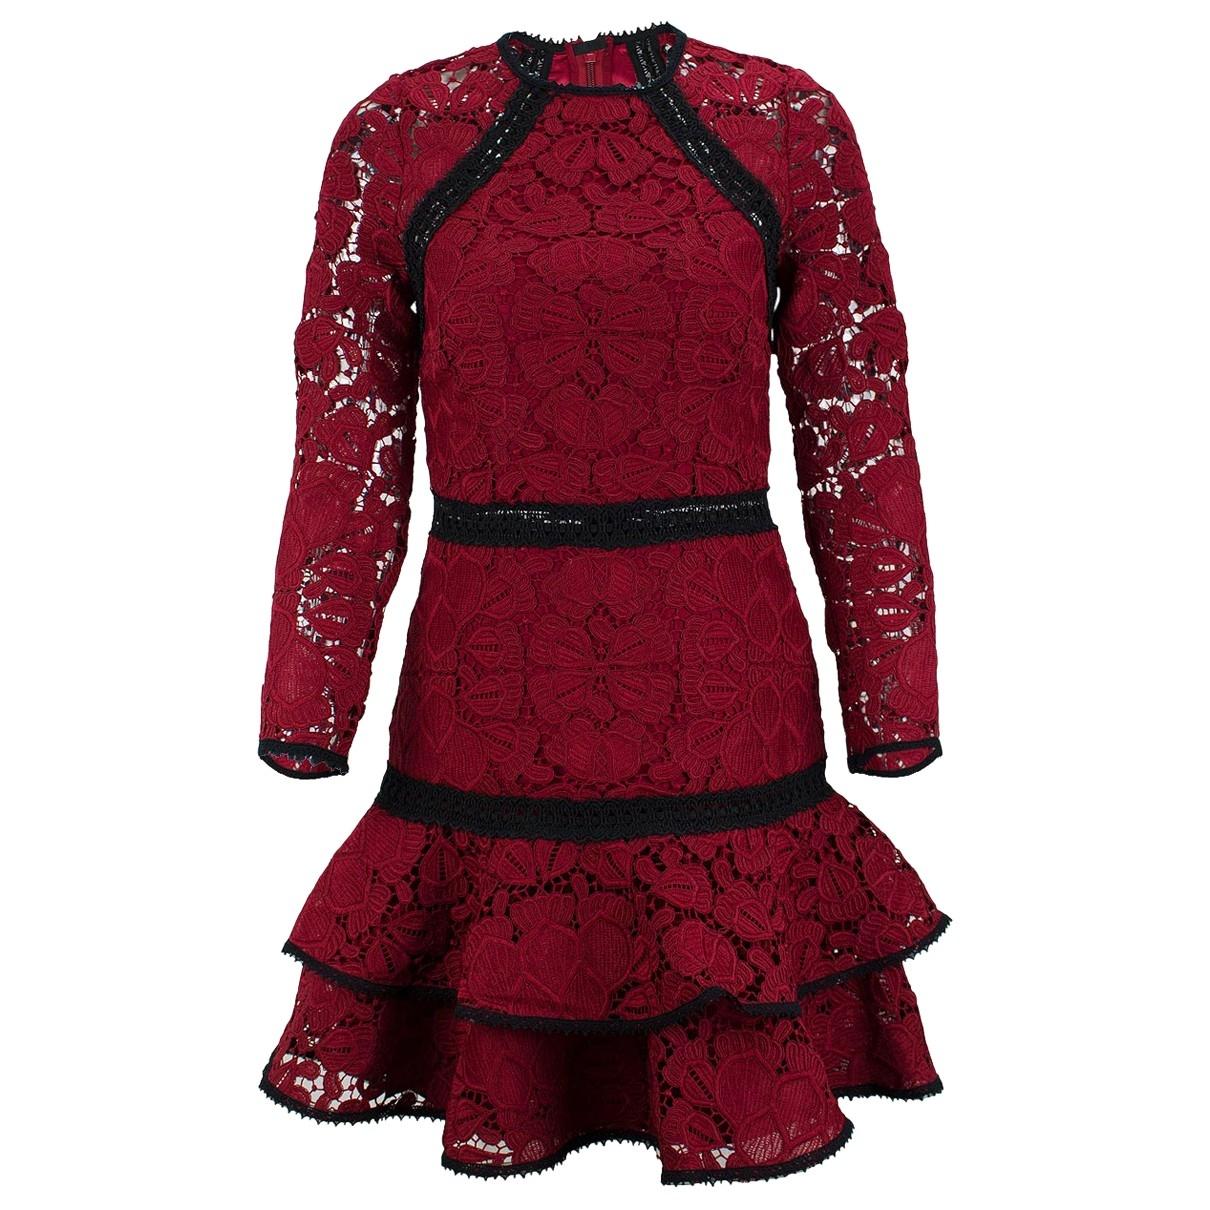 Alexis \N Kleid in  Rot Synthetik